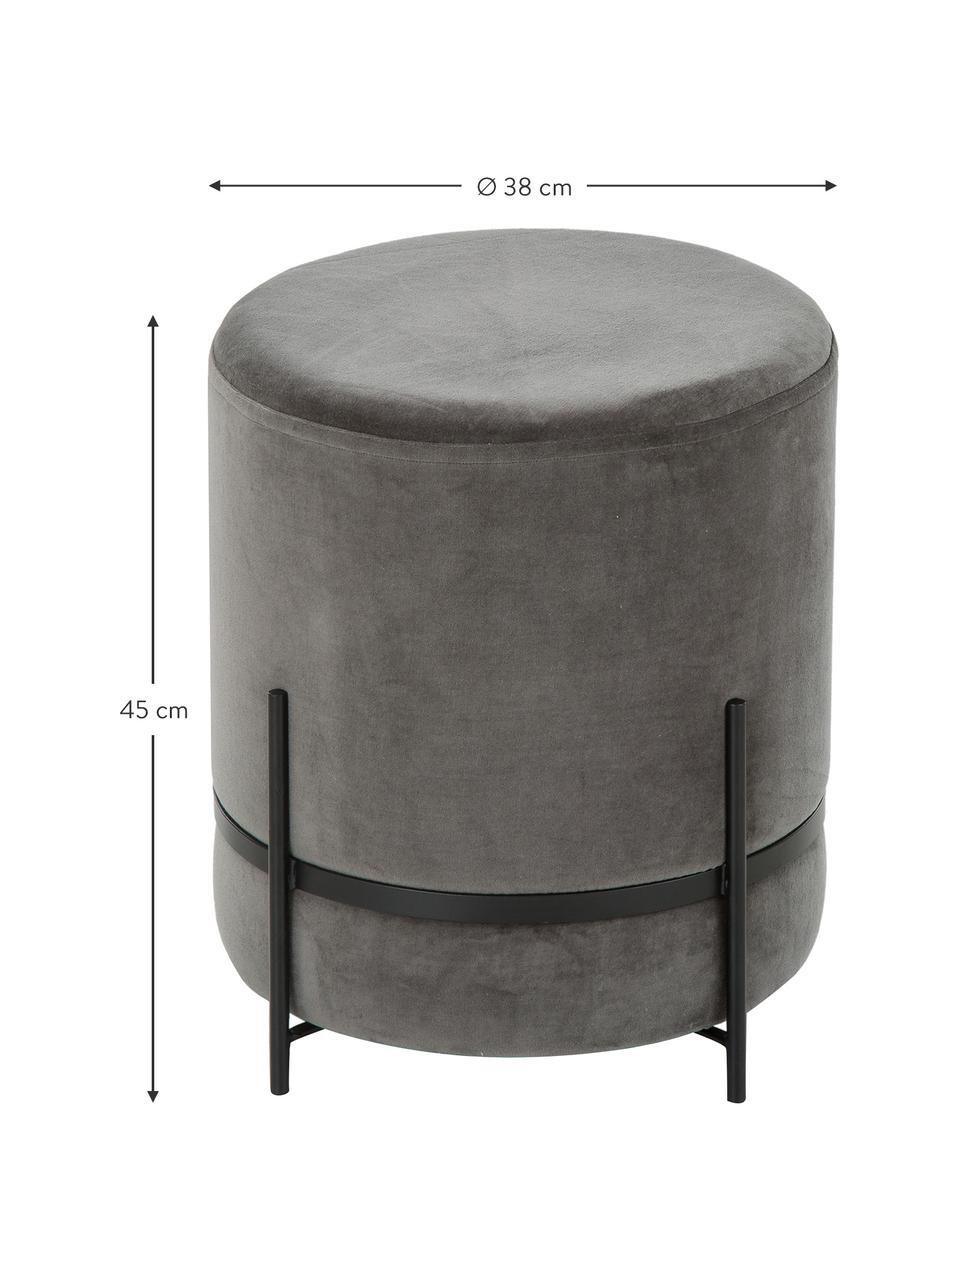 Puf z aksamitu Haven, Tapicerka: aksamit bawełniany, Szary, czarny, Ø 38 x W 45 cm